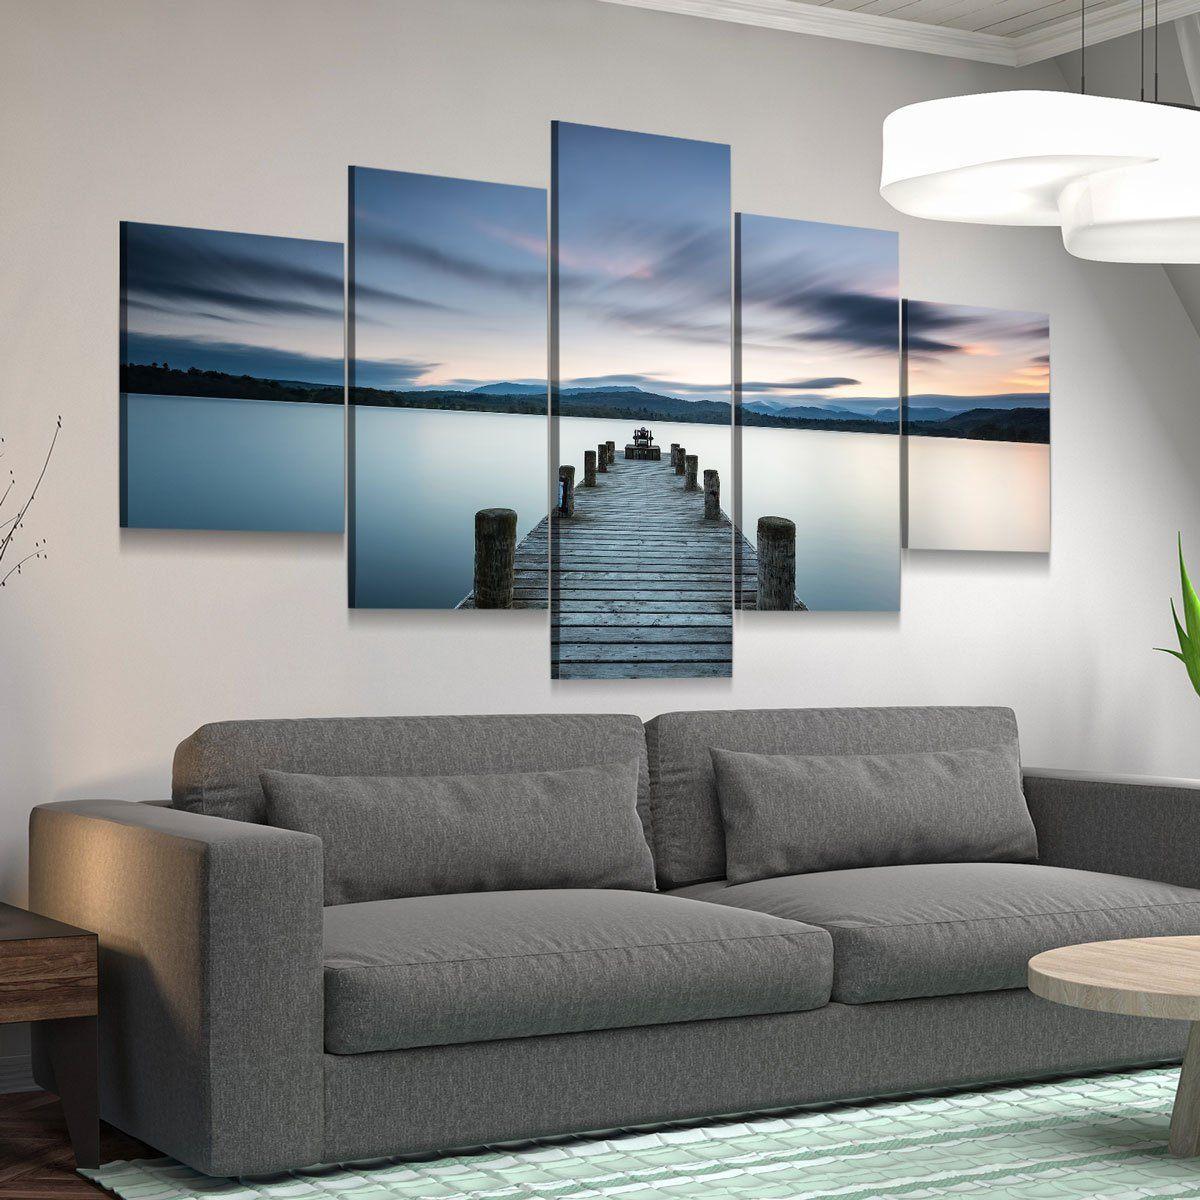 Lake Pier At Dusk 5 panel canvas wall art